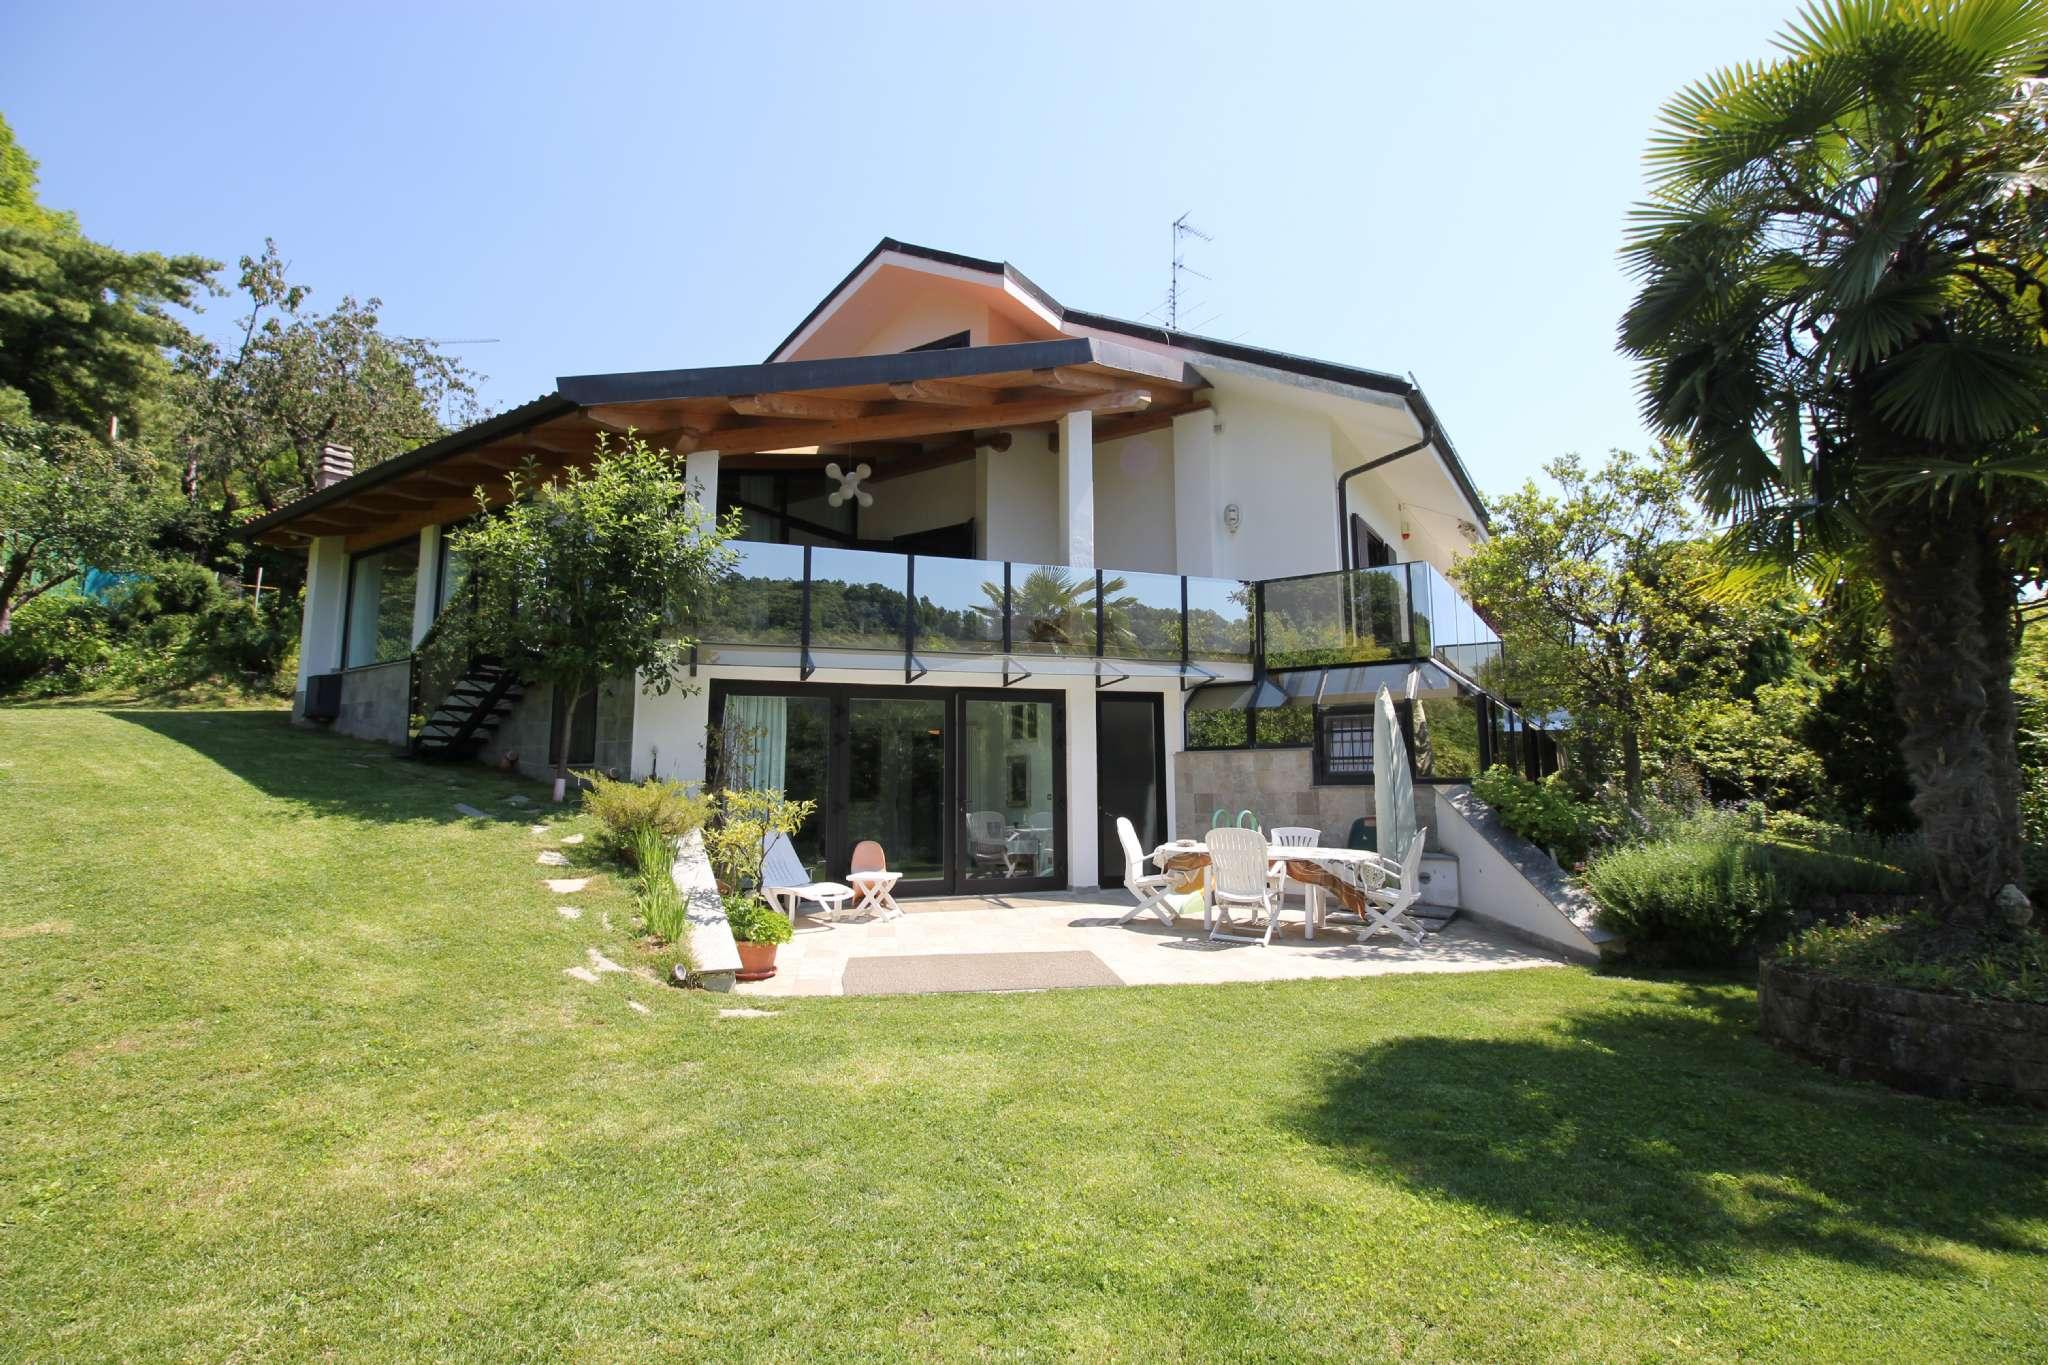 Villa in vendita a Pecetto Torinese, 15 locali, prezzo € 595.000 | PortaleAgenzieImmobiliari.it